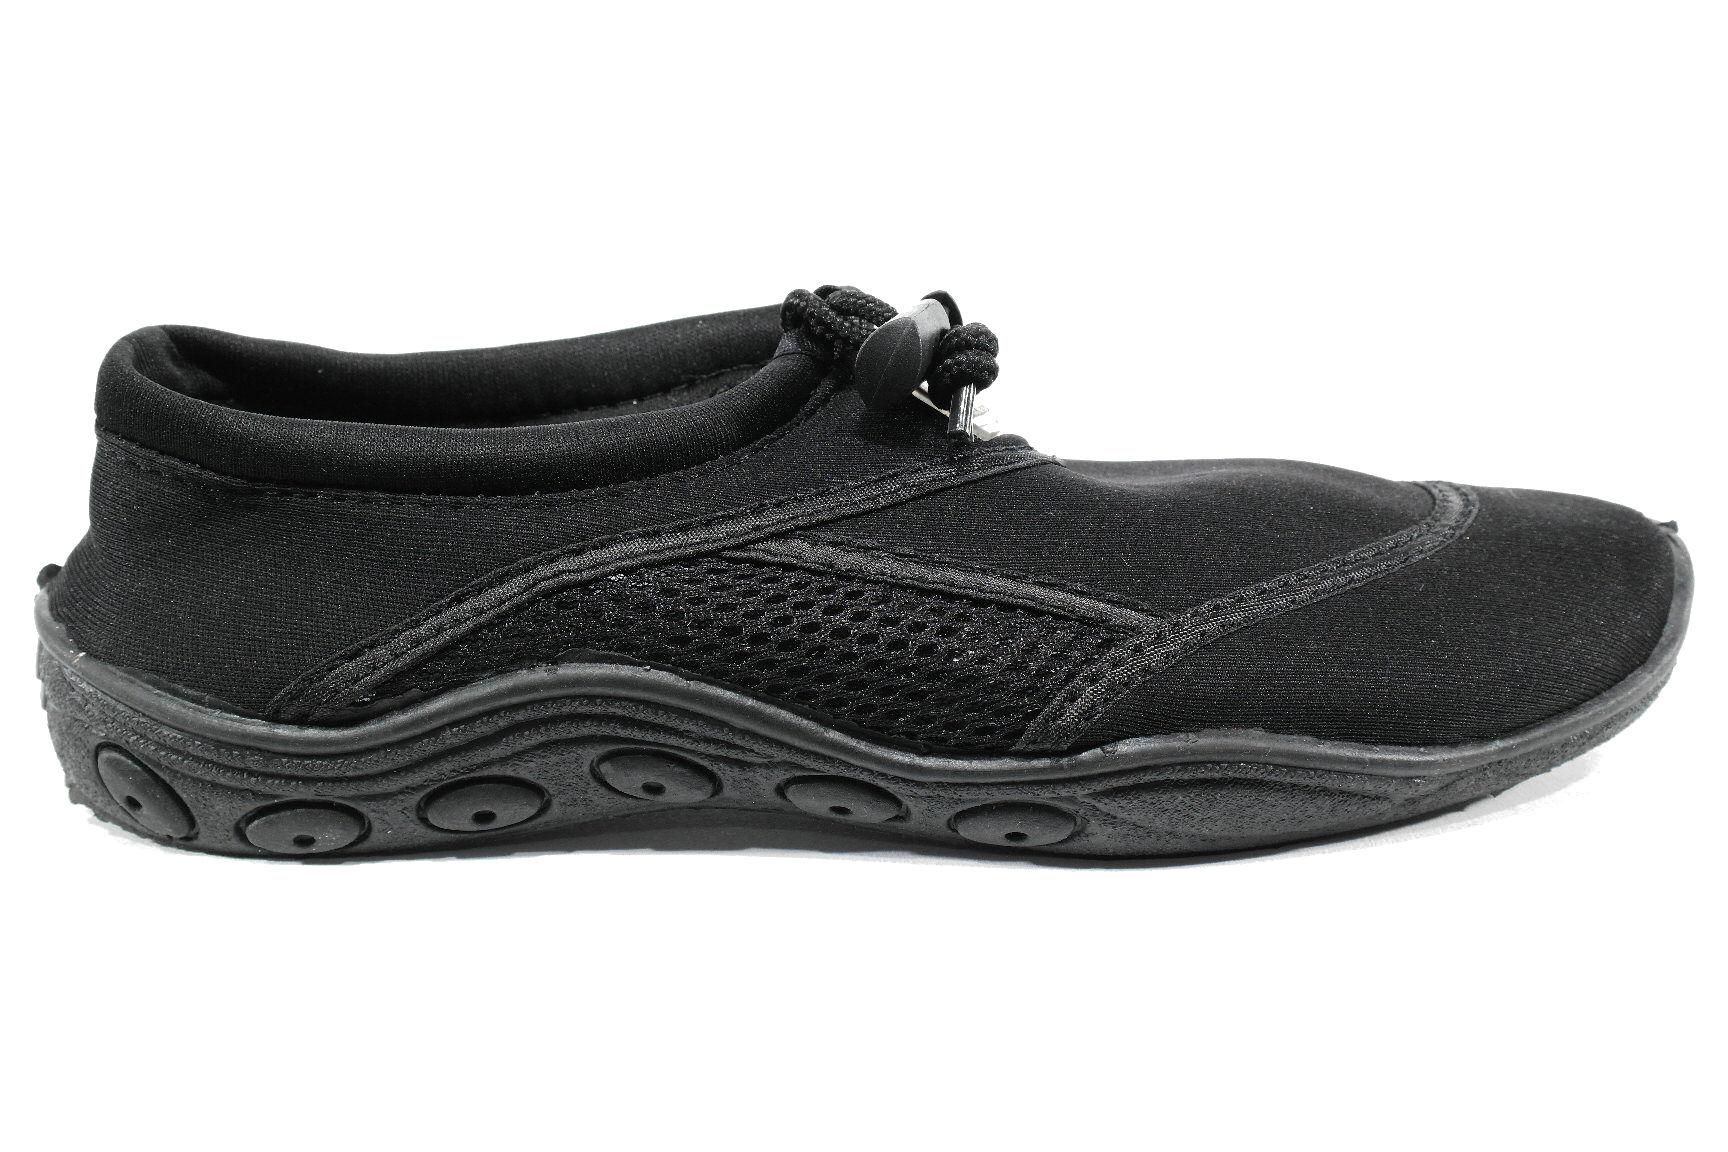 Chaussures De Surf Pour Femmes Noires VxoCGX2hC